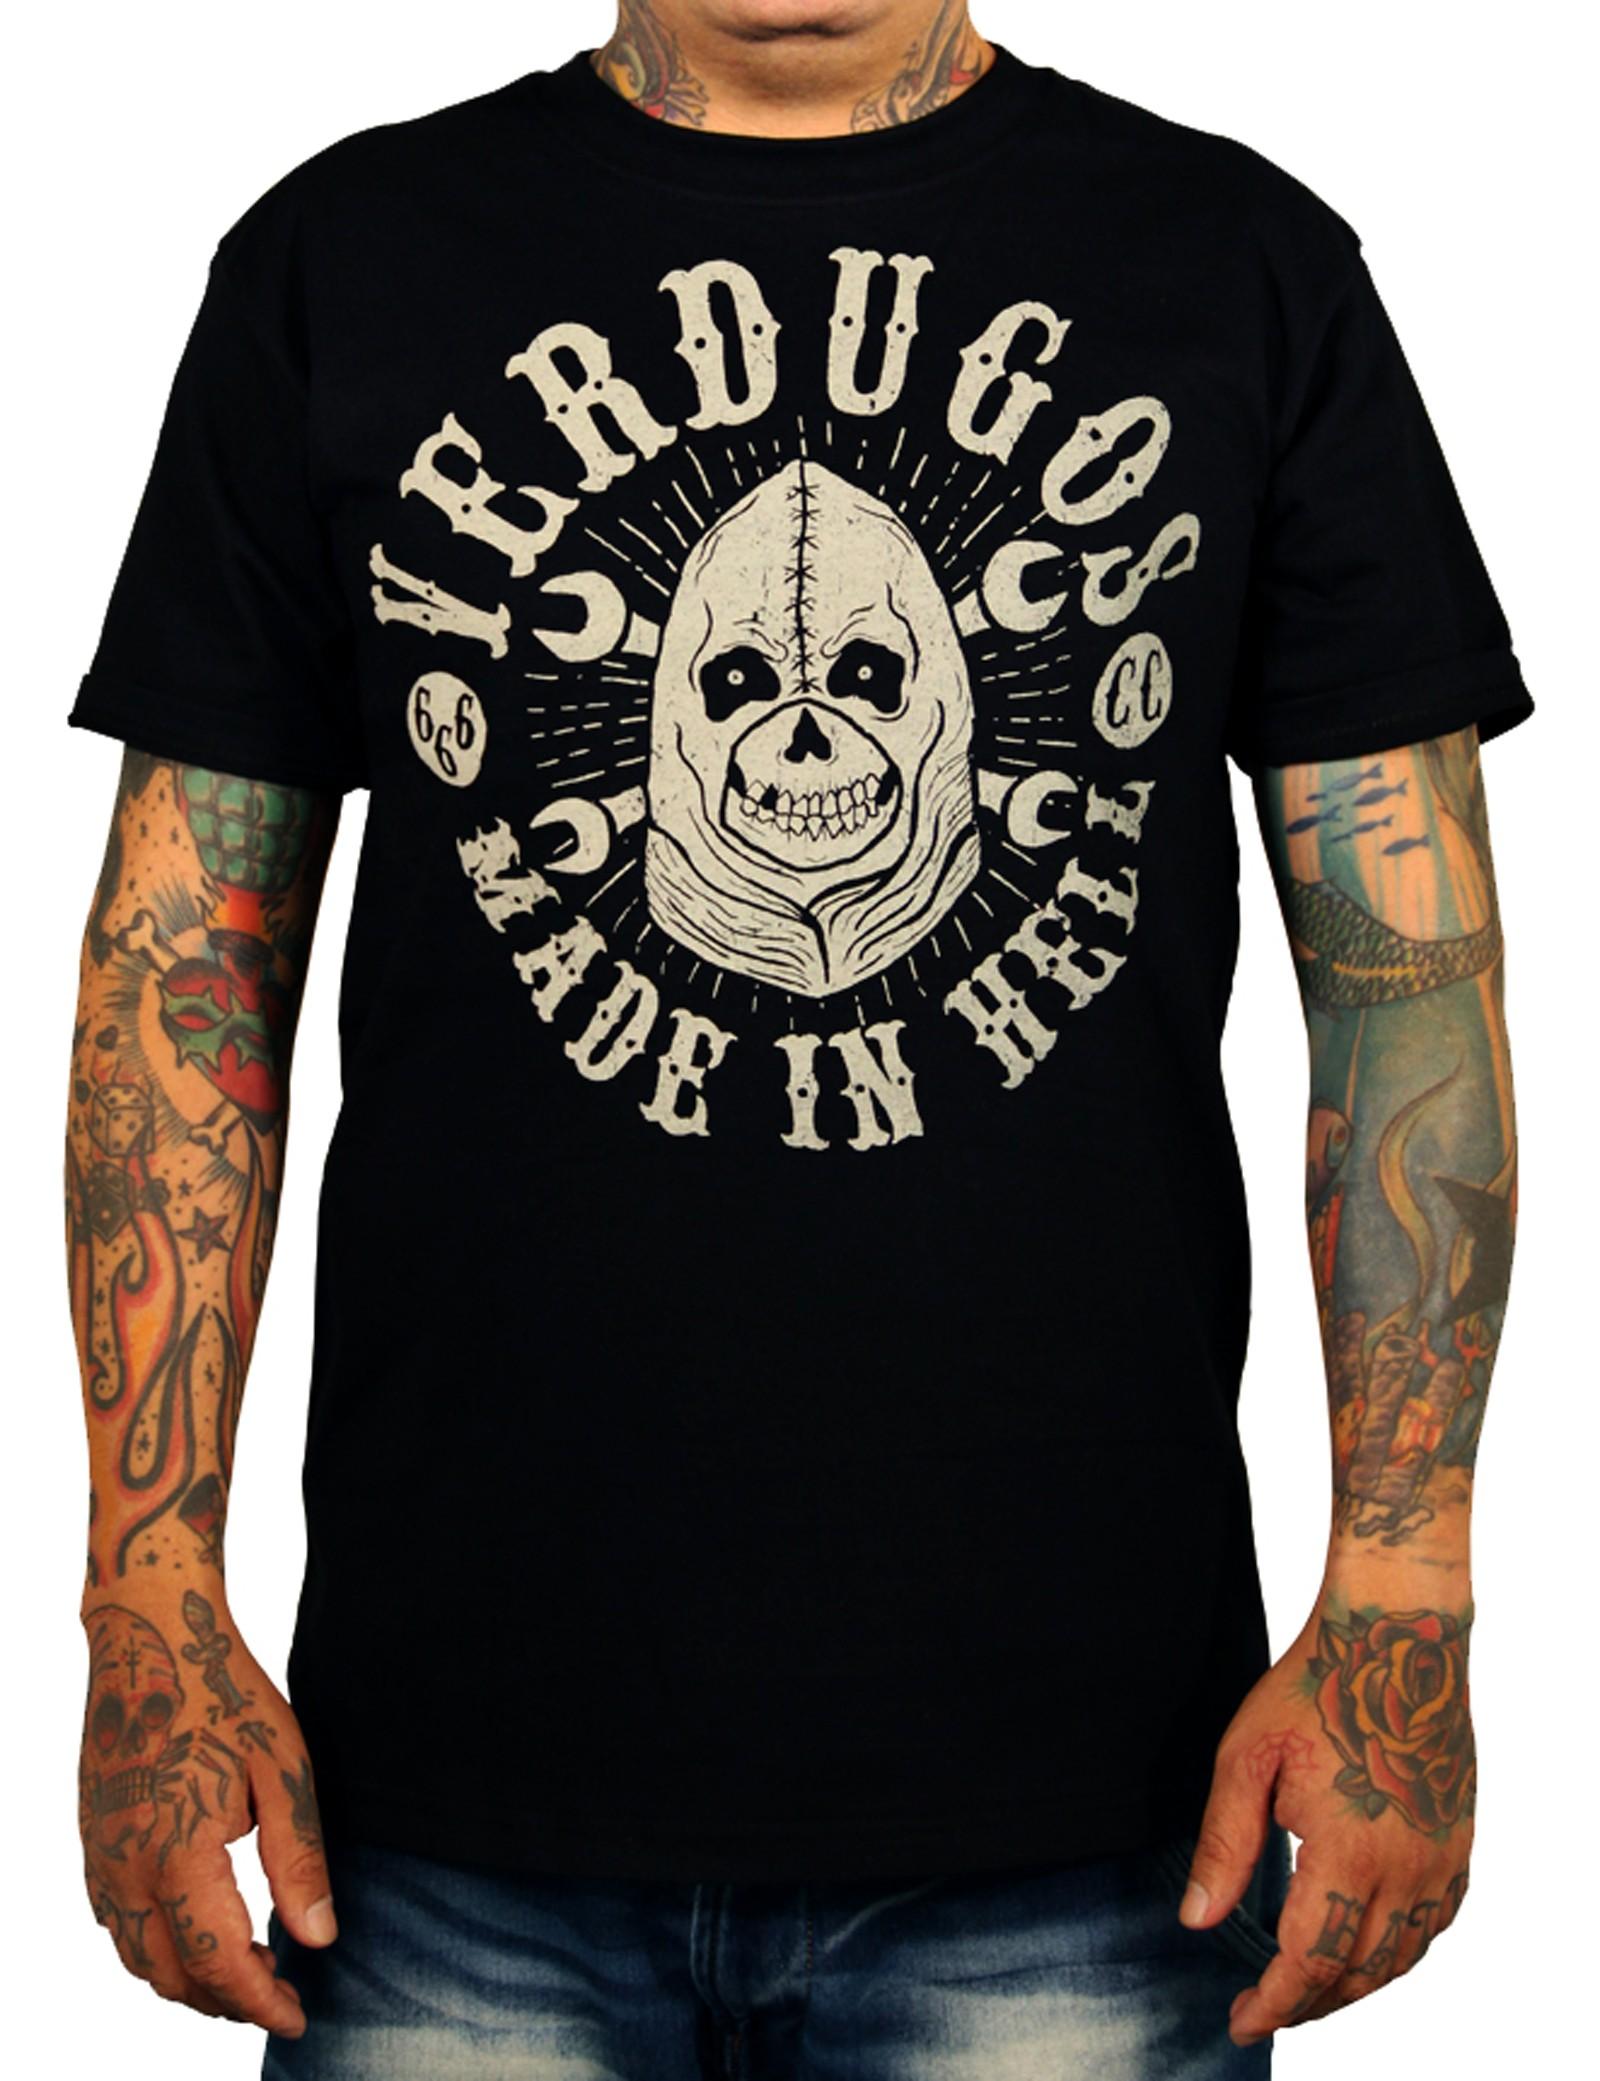 La Marca Del Diablo - Verdugos T-Shirt Front